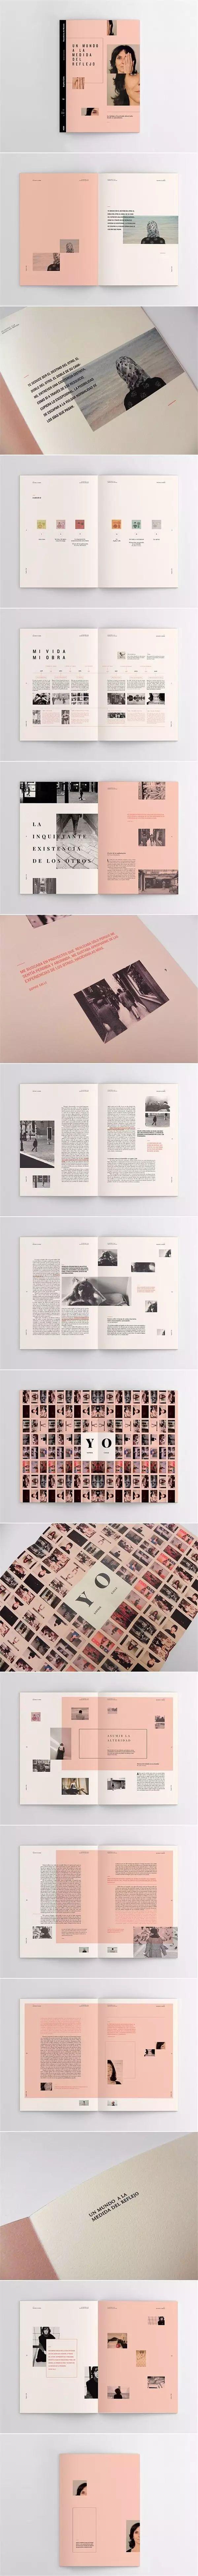 【极简主义】杂志排版中的留白设计